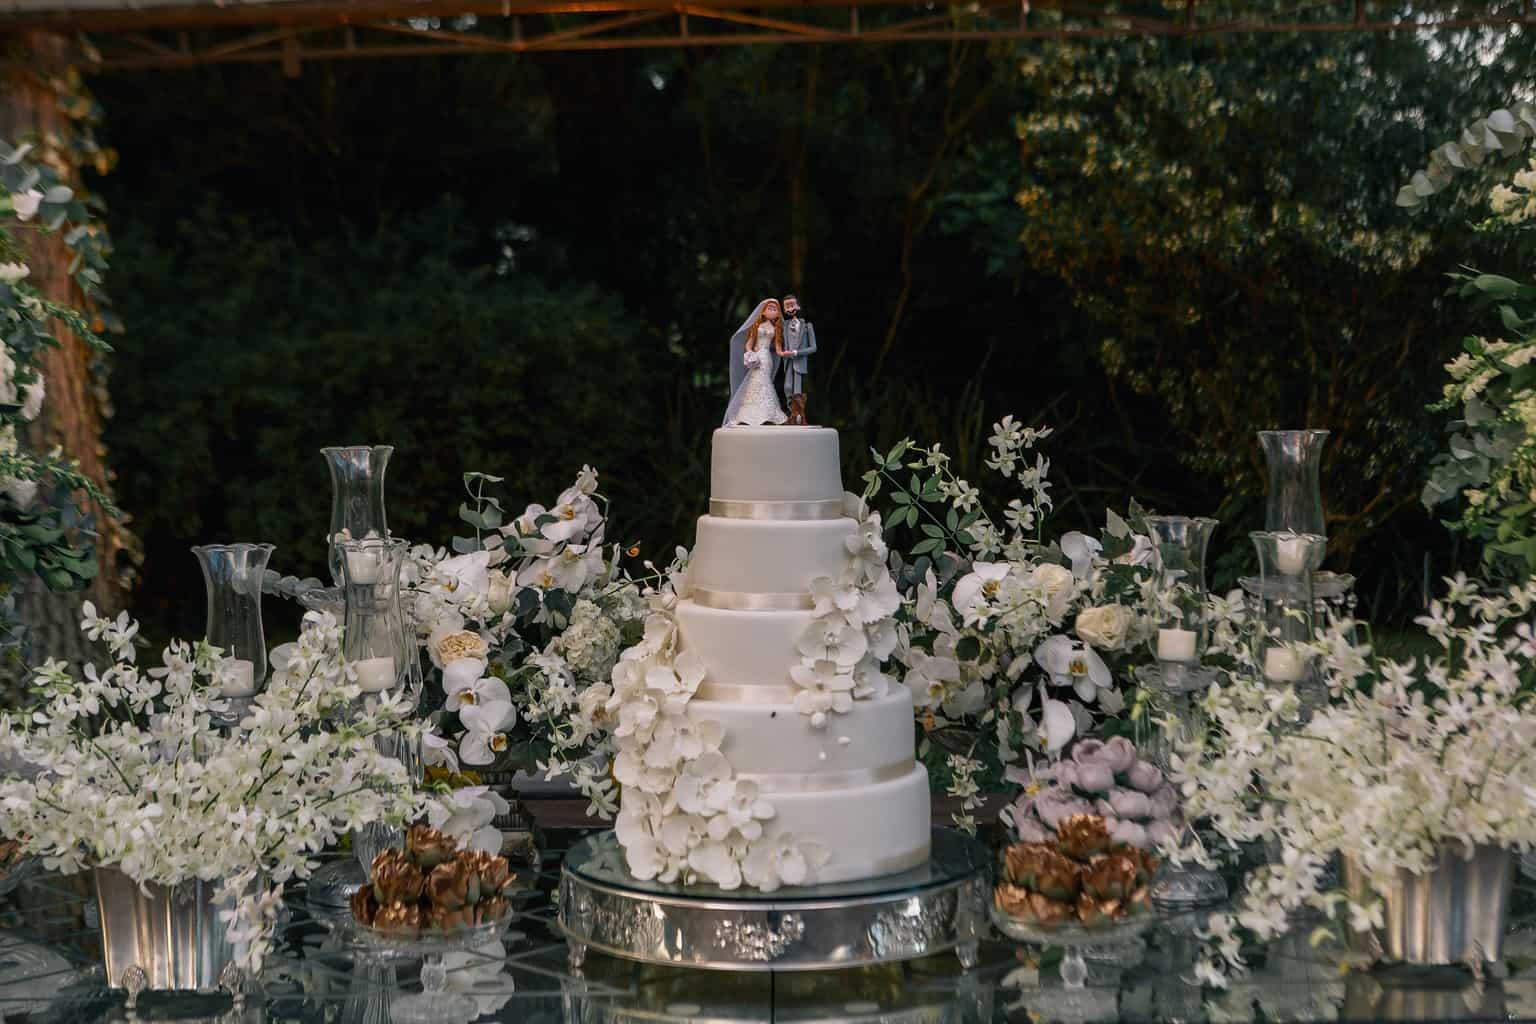 bolo-de-casamento-casamento-Marcela-e-Luciano-decoracao-da-festa10